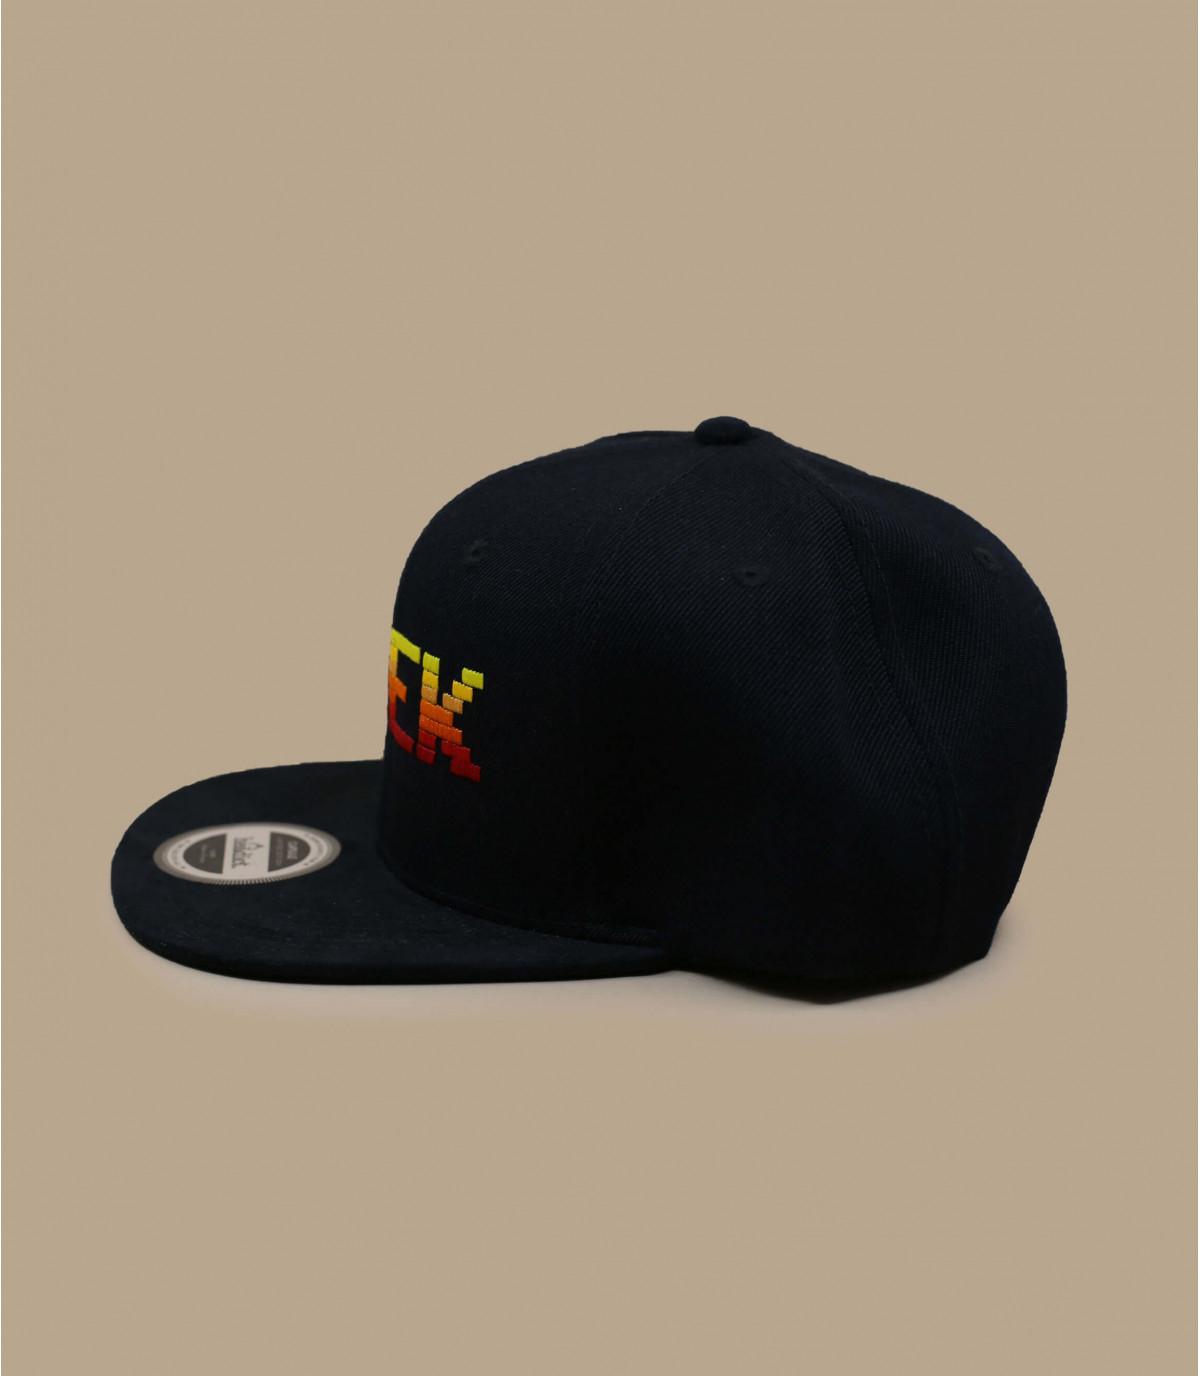 zwarte Geek snapback - Snapback Geek op je headwear shop Headict df802cfaad2